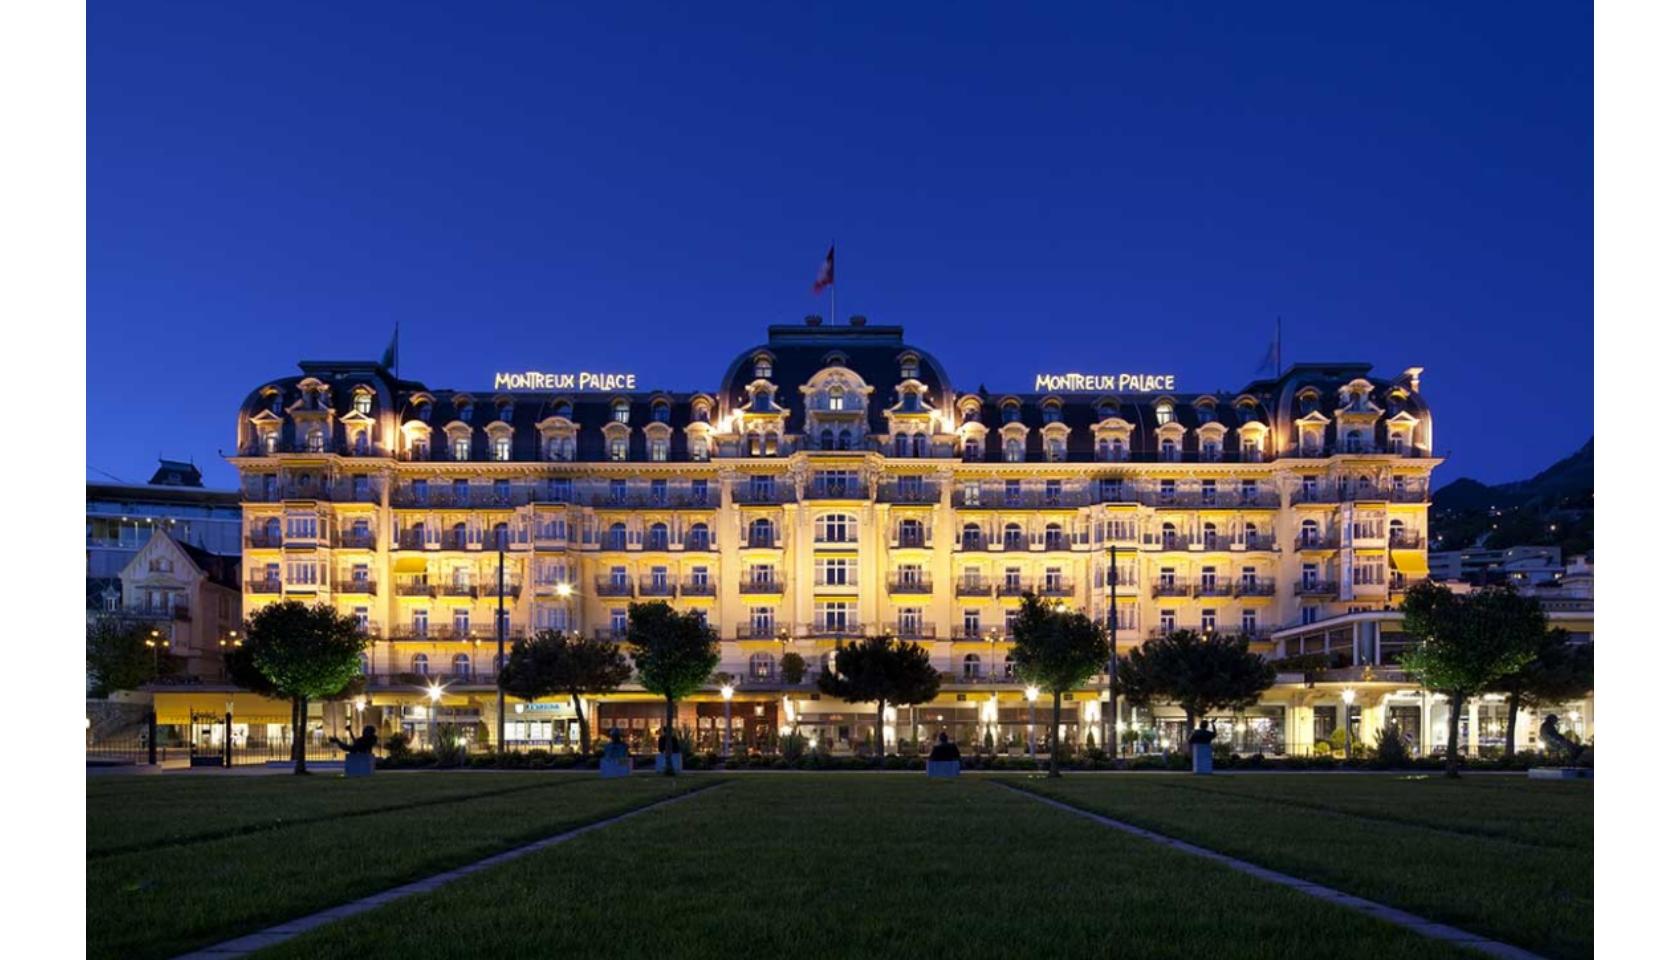 Soggiorno di 5 notti in una suite presso l'hotel Fairmont ...